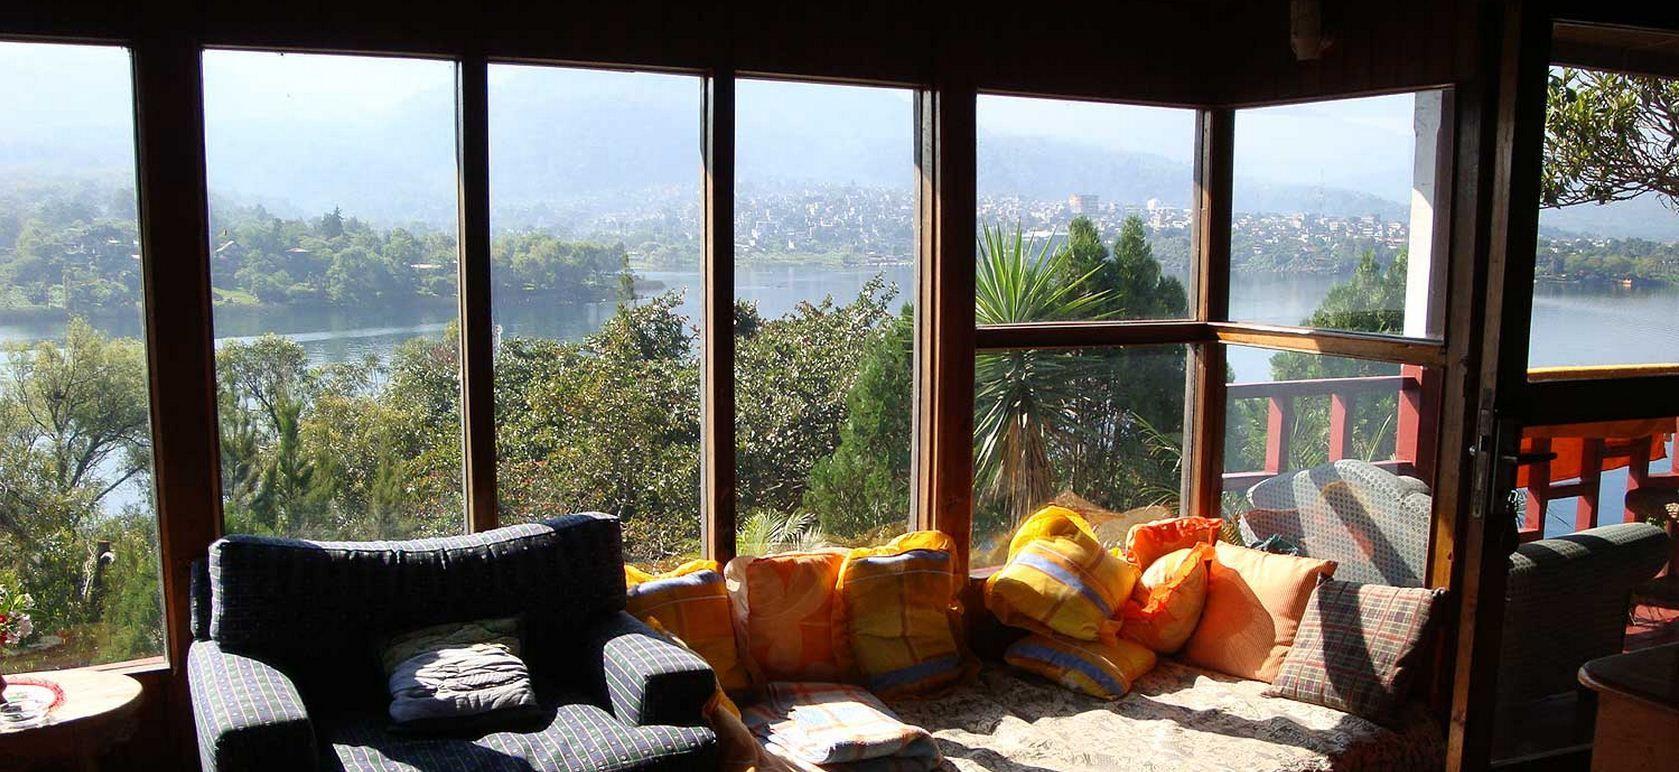 ¿Bungalows escondidos en lago Atitlán?